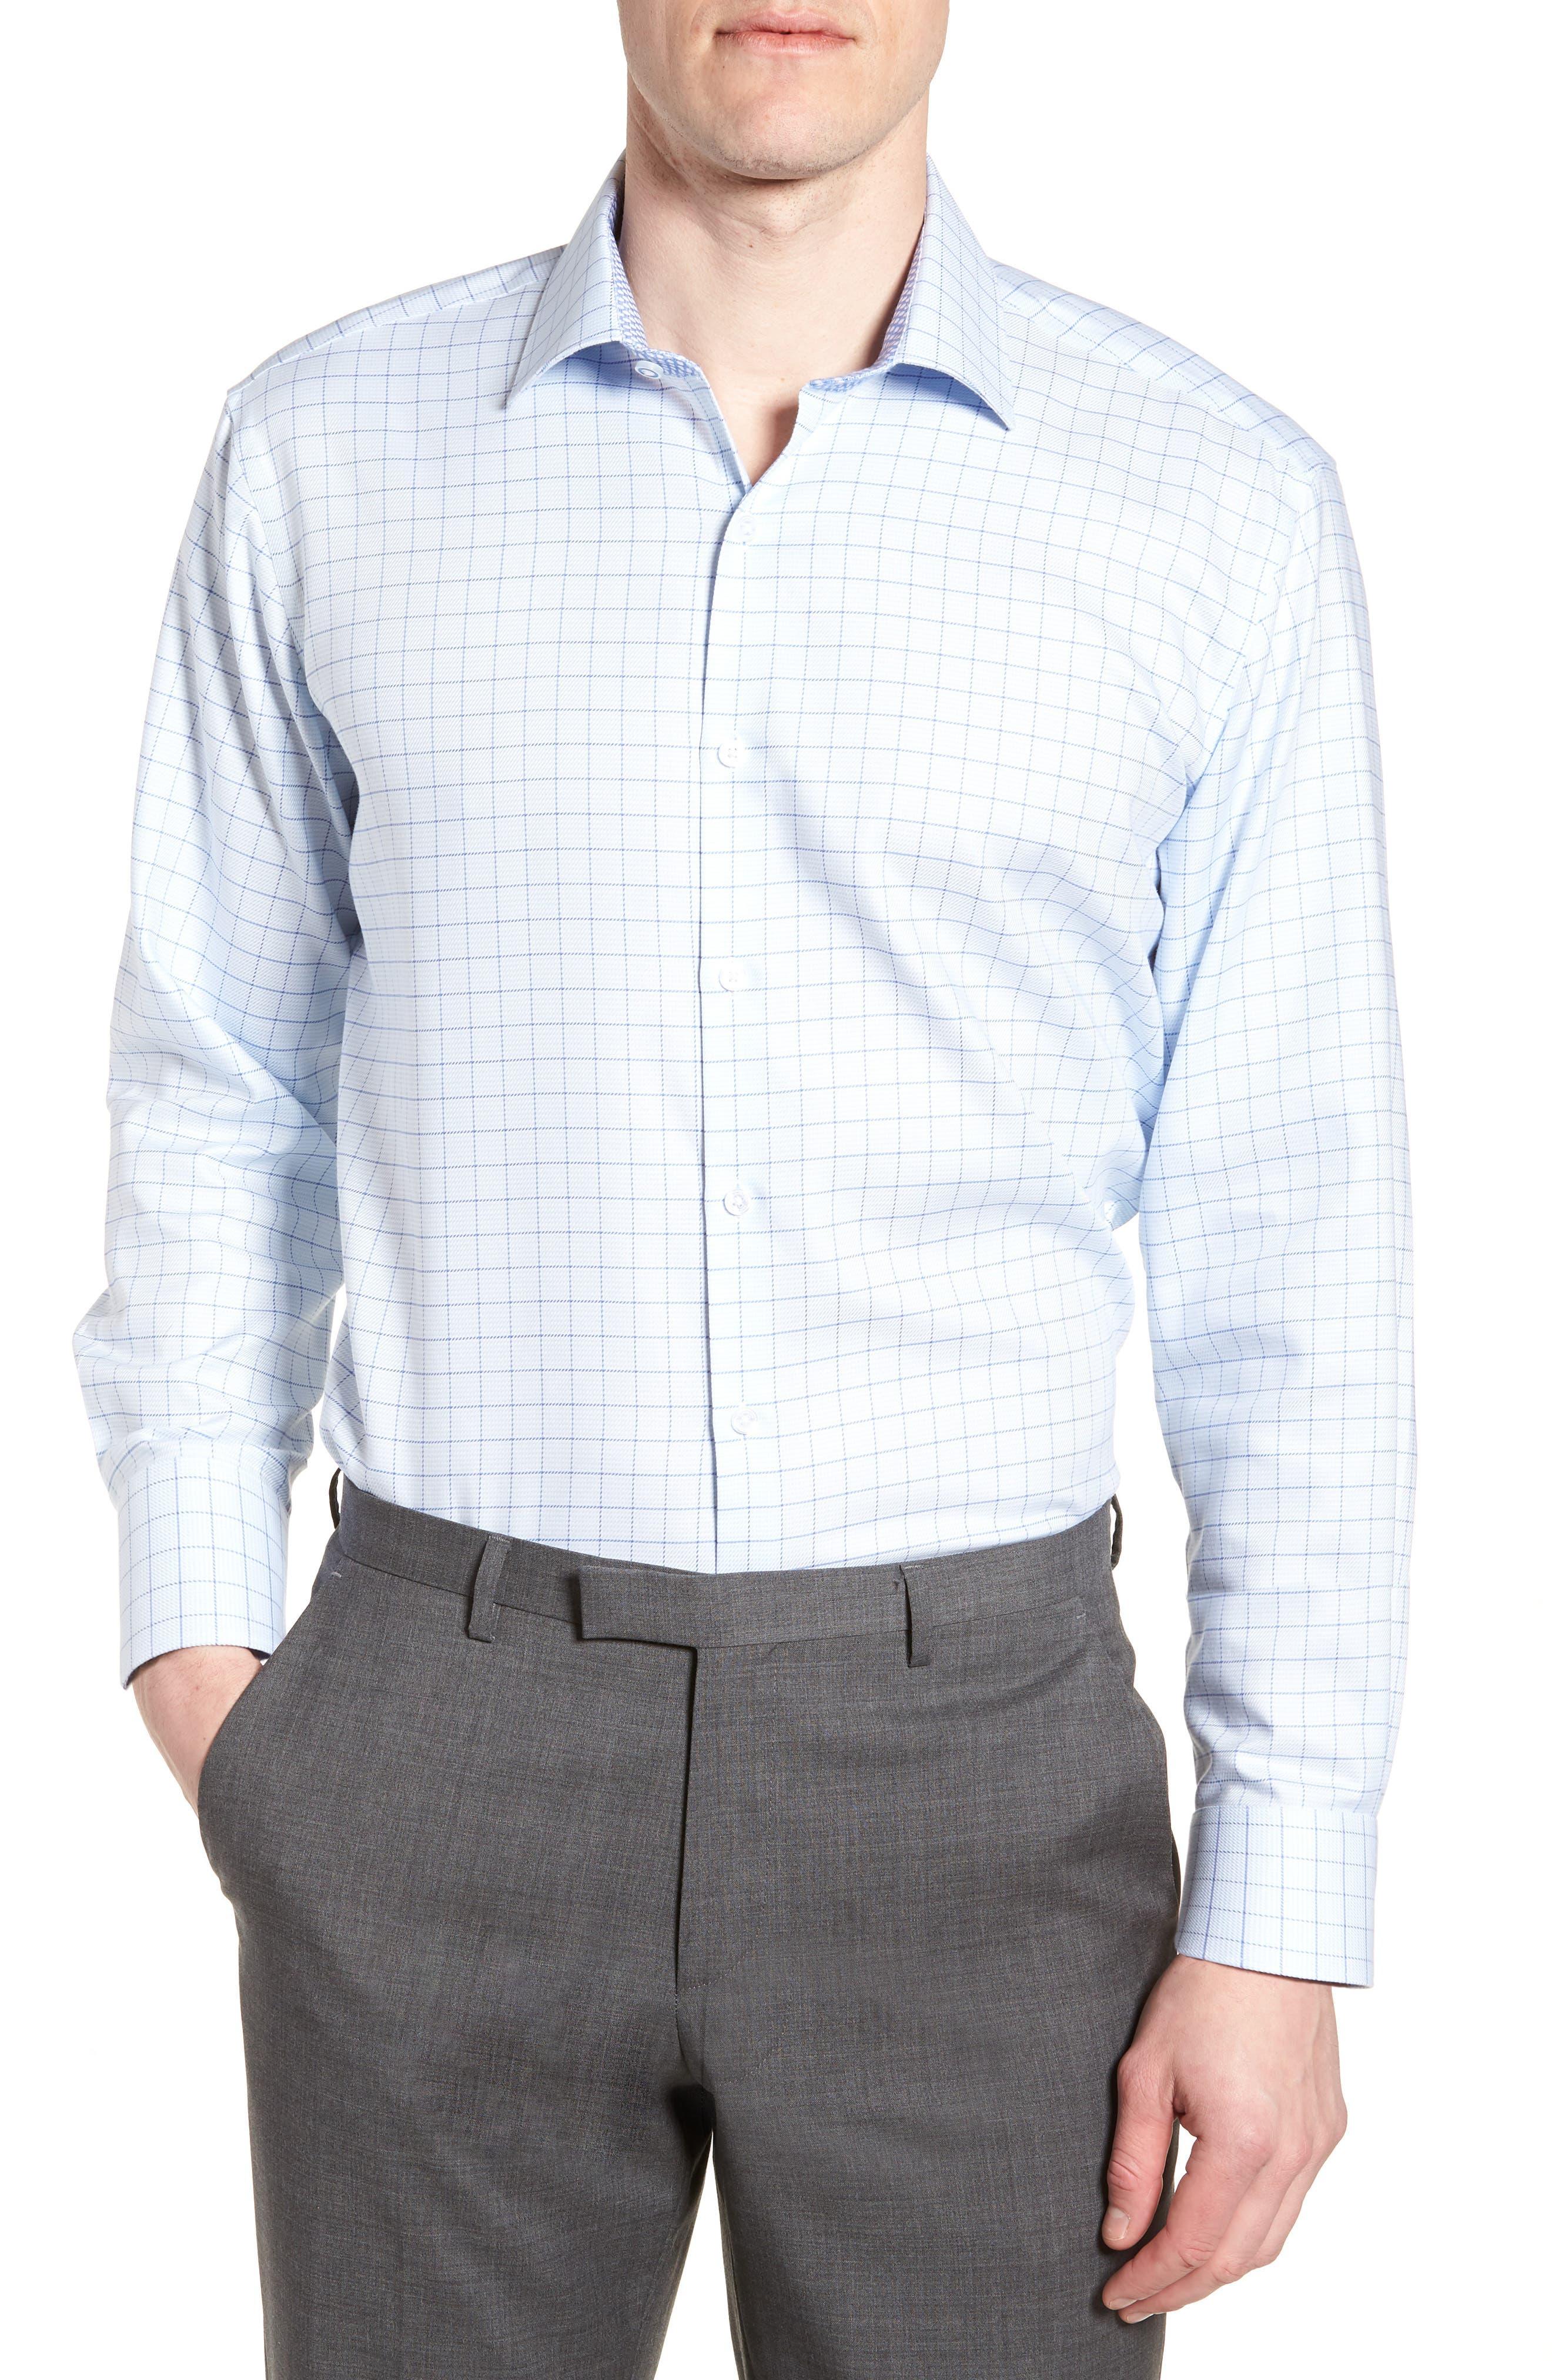 Alec Trim Fit Check Dress Shirt,                             Main thumbnail 1, color,                             LIGHT BLUE